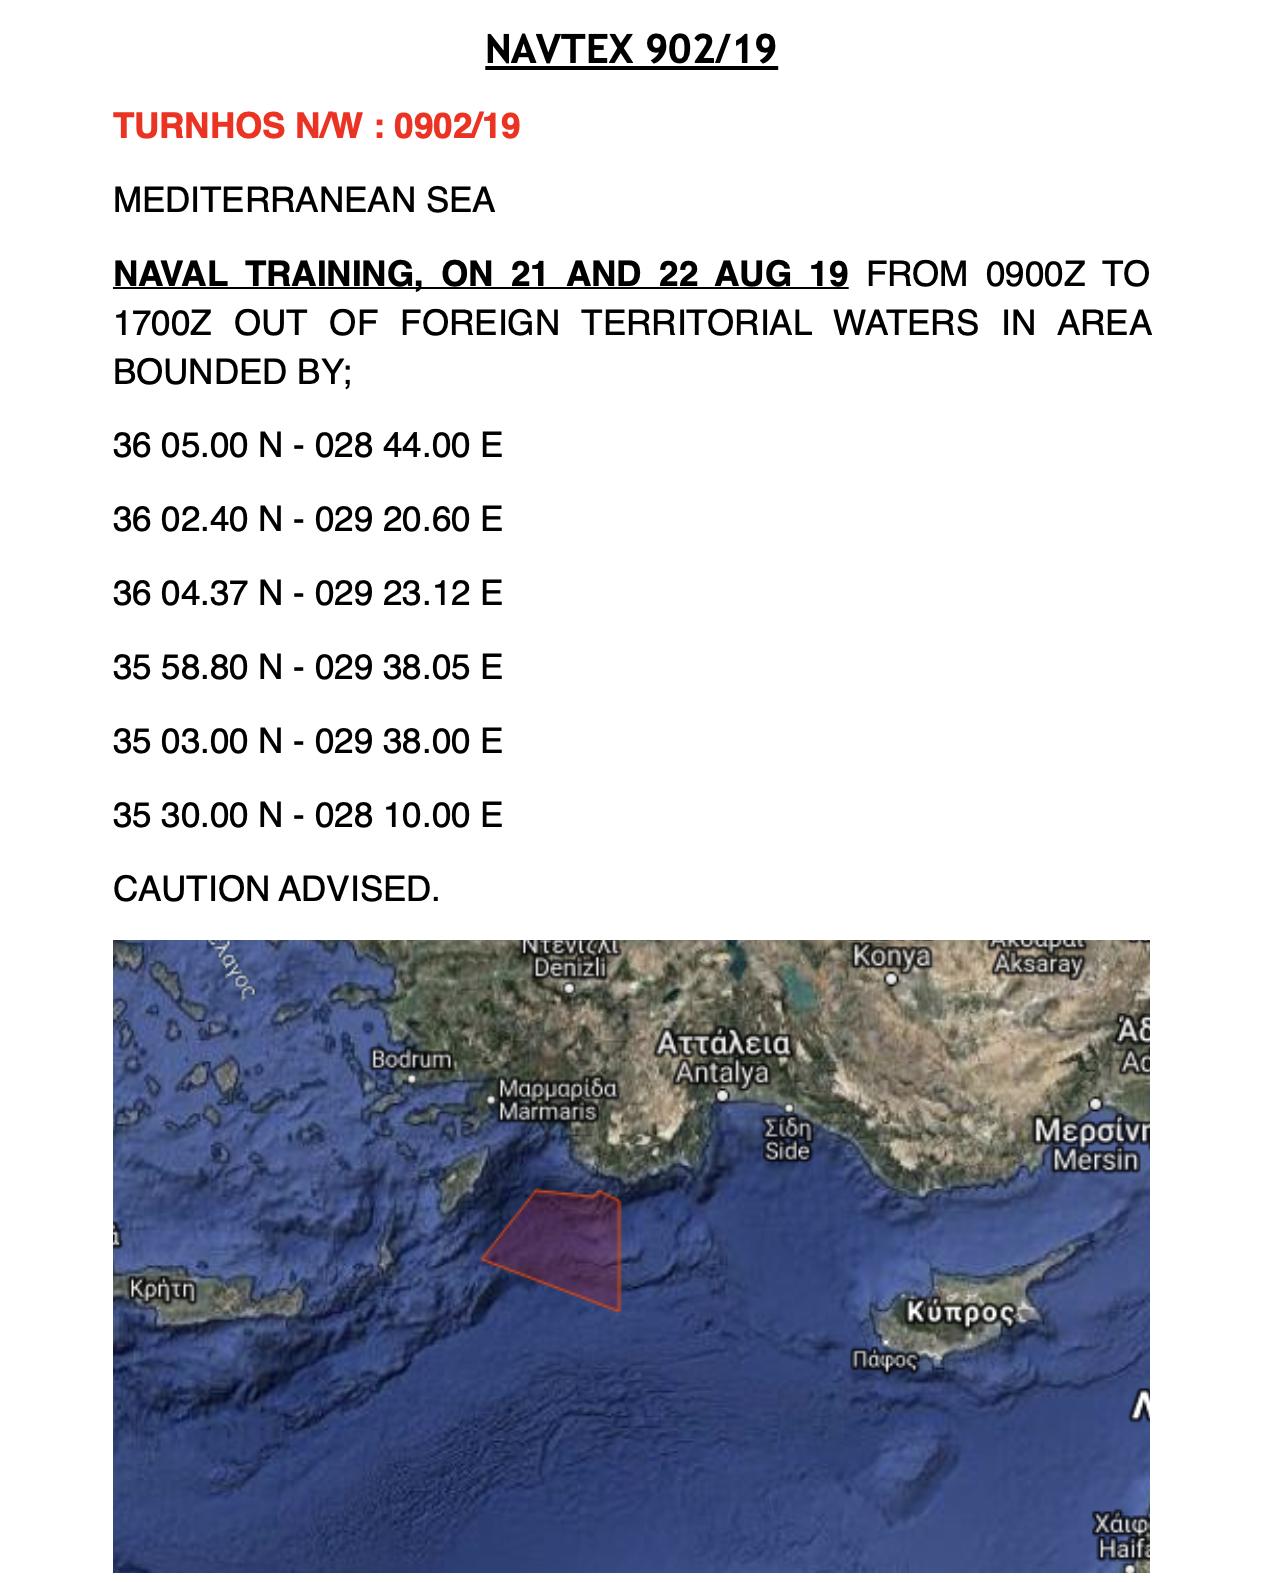 Σχέδιο «Λερναία Ύδρα»: Οι Ένοπλες Δυνάμεις «θωρακίζουν» το Καστελόριζο και περιμένουν τους Τούρκους – Ανεβαίνει η ένταση στο Αιγαίο - Φωτογραφία 5